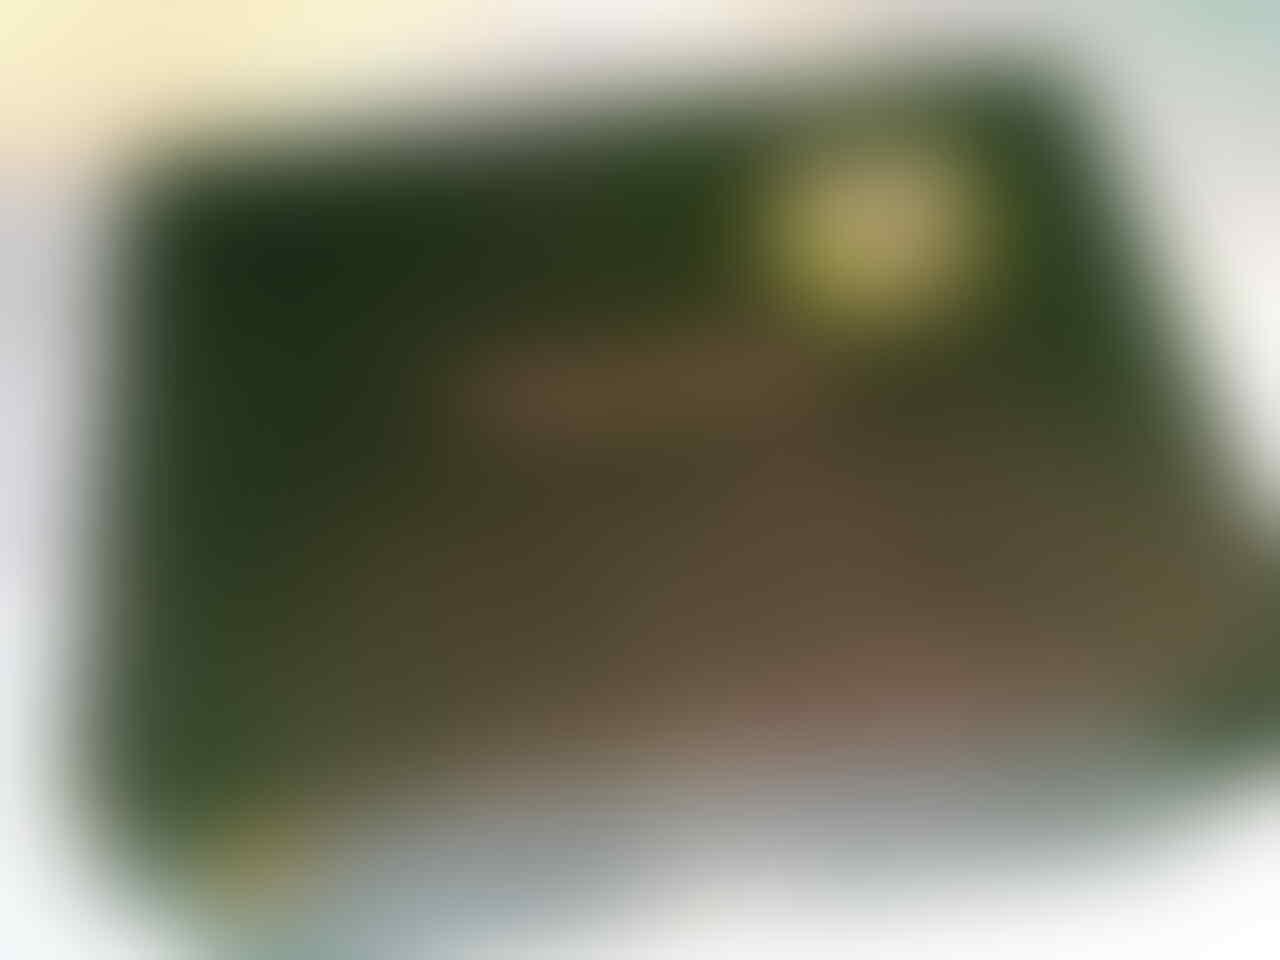 blackberry gemini 8520 white garansi masih 9 bulan TAM